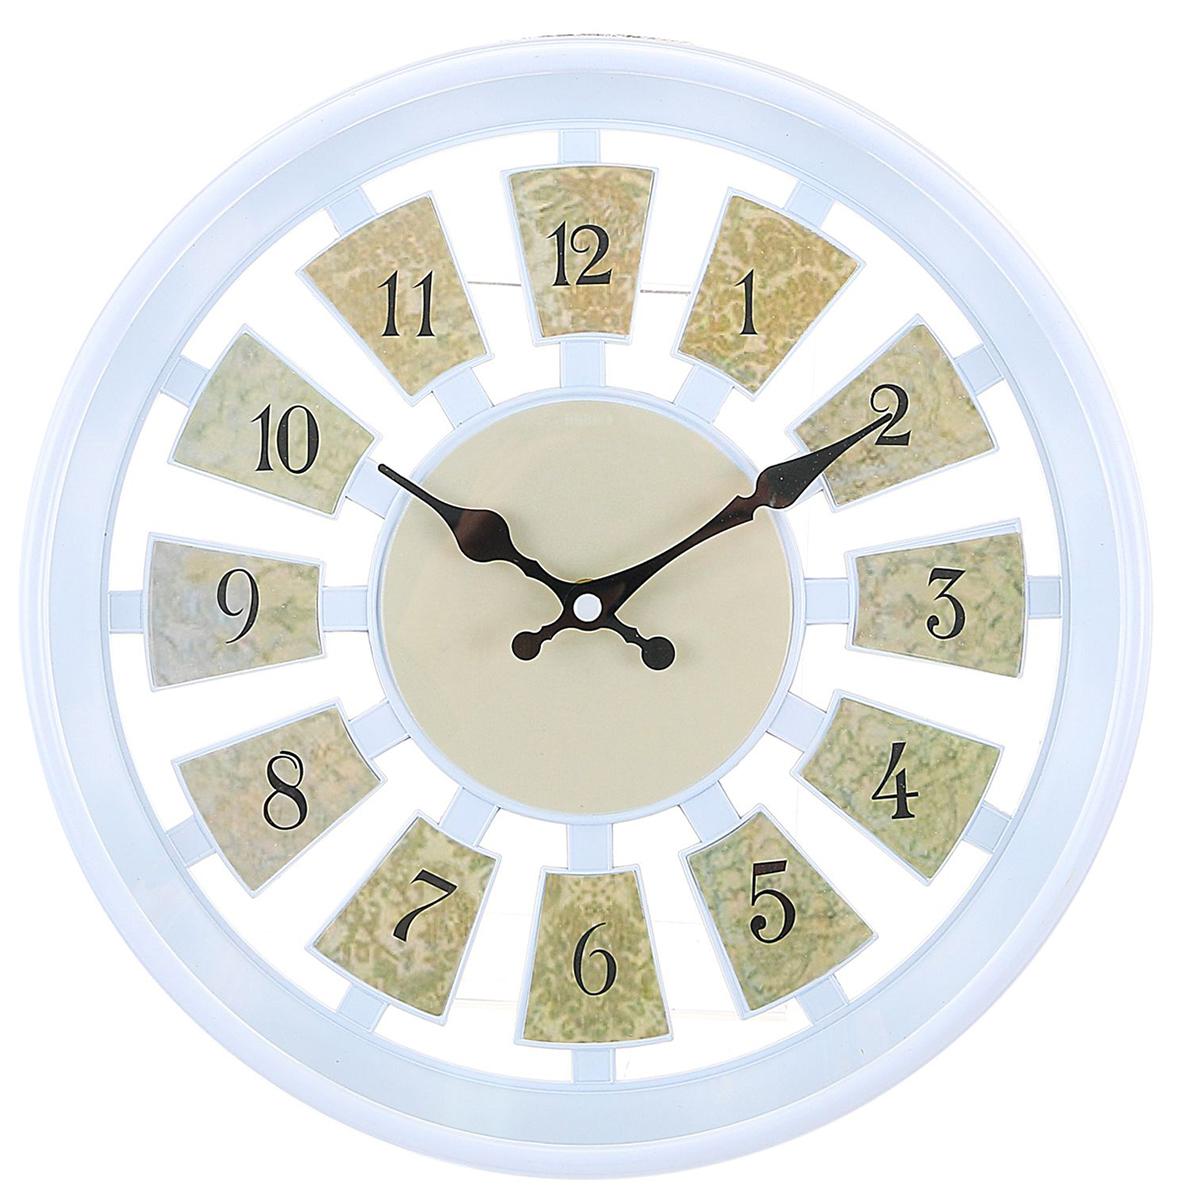 Часы настенные Цифры, цвет: бежевый, диаметр 30 см2307004Каждому хозяину периодически приходит мысль обновить свою квартиру, сделать ремонт, перестановку или кардинально поменять внешний вид каждой комнаты. — привлекательная деталь, которая поможет воплотить вашу интерьерную идею, создать неповторимую атмосферу в вашем доме. Окружите себя приятными мелочами, пусть они радуют глаз и дарят гармонию.Часы настенные серия Цифры, круг, цифры по кайме, рама бежевая, цифры кофейные d=30см, 30*5см 2307